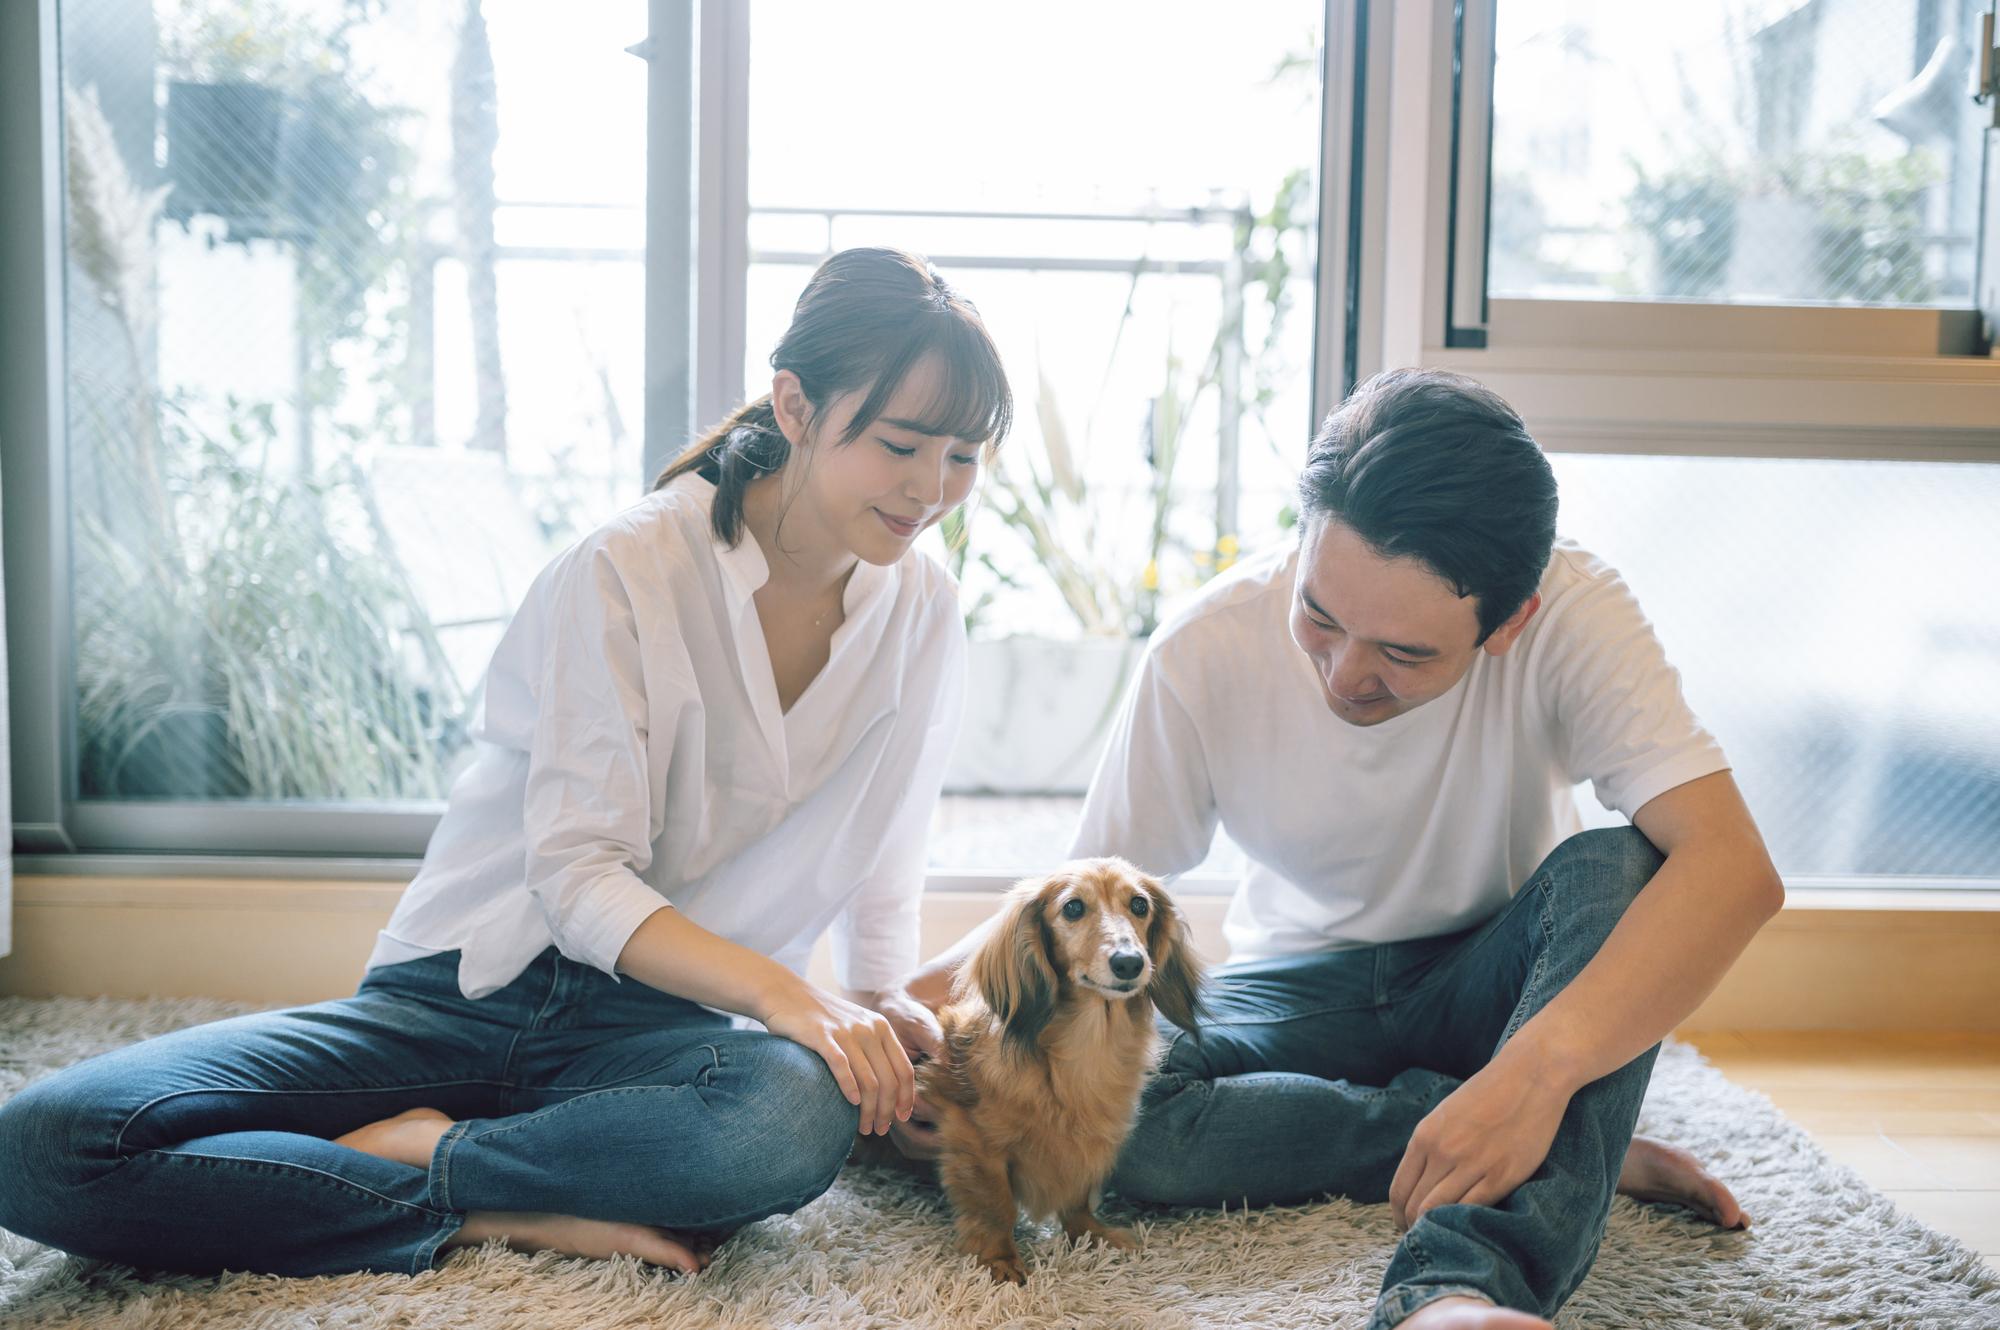 犬と過ごす夫婦